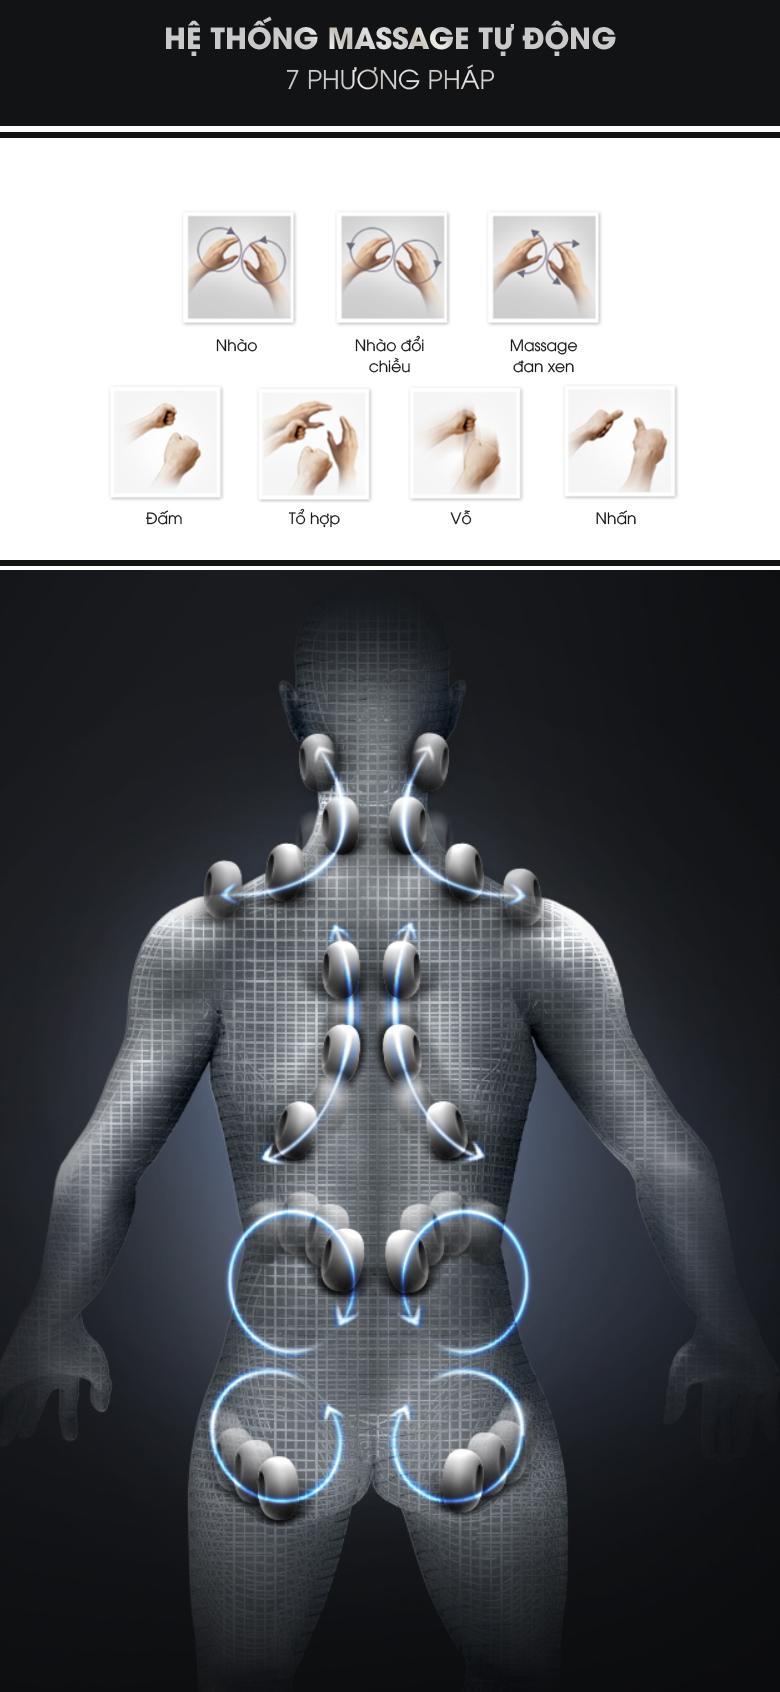 Cấu tạo con lăn được cải tiến massage ôm sát theo đường cong cơ thể.